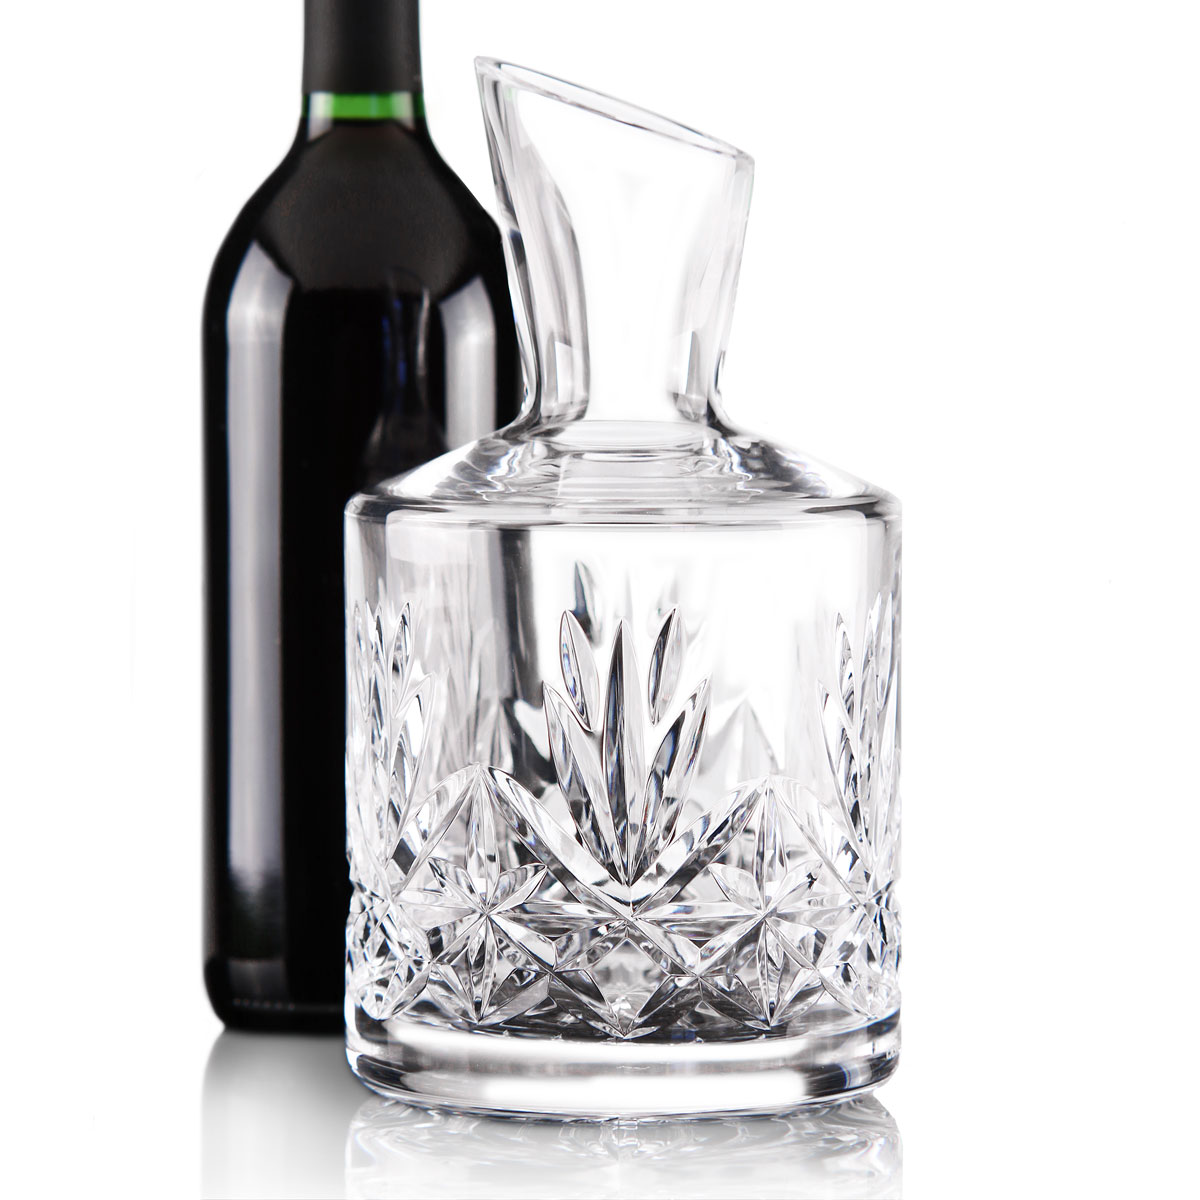 Cashs Ireland, Annestown Crystal Wine Carafe